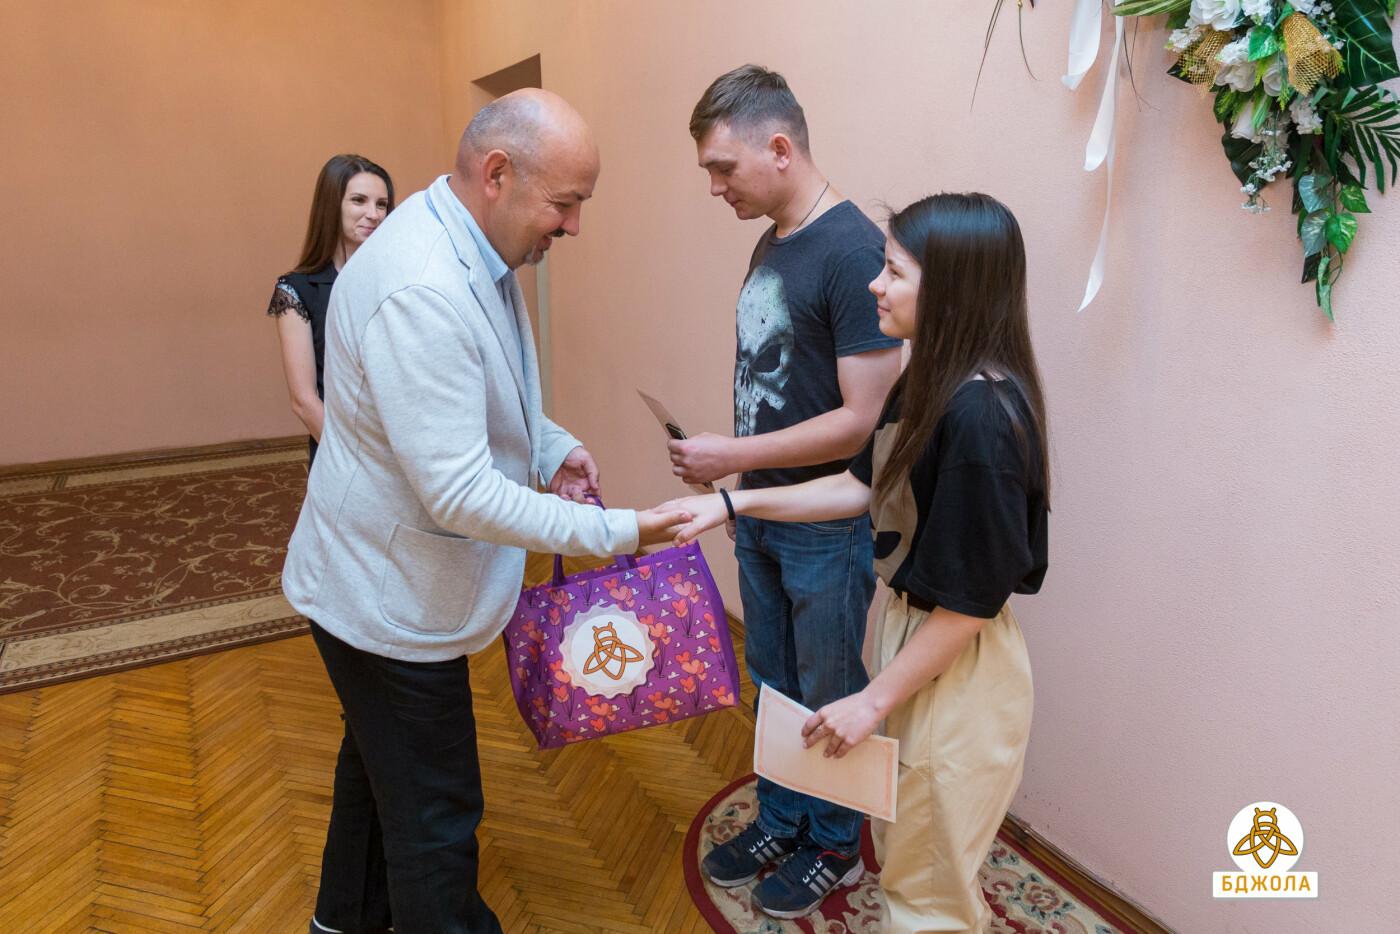 У Кам'янському представники ГО «Бджола» привітали молодят з реєстрацією шлюбу, фото-2